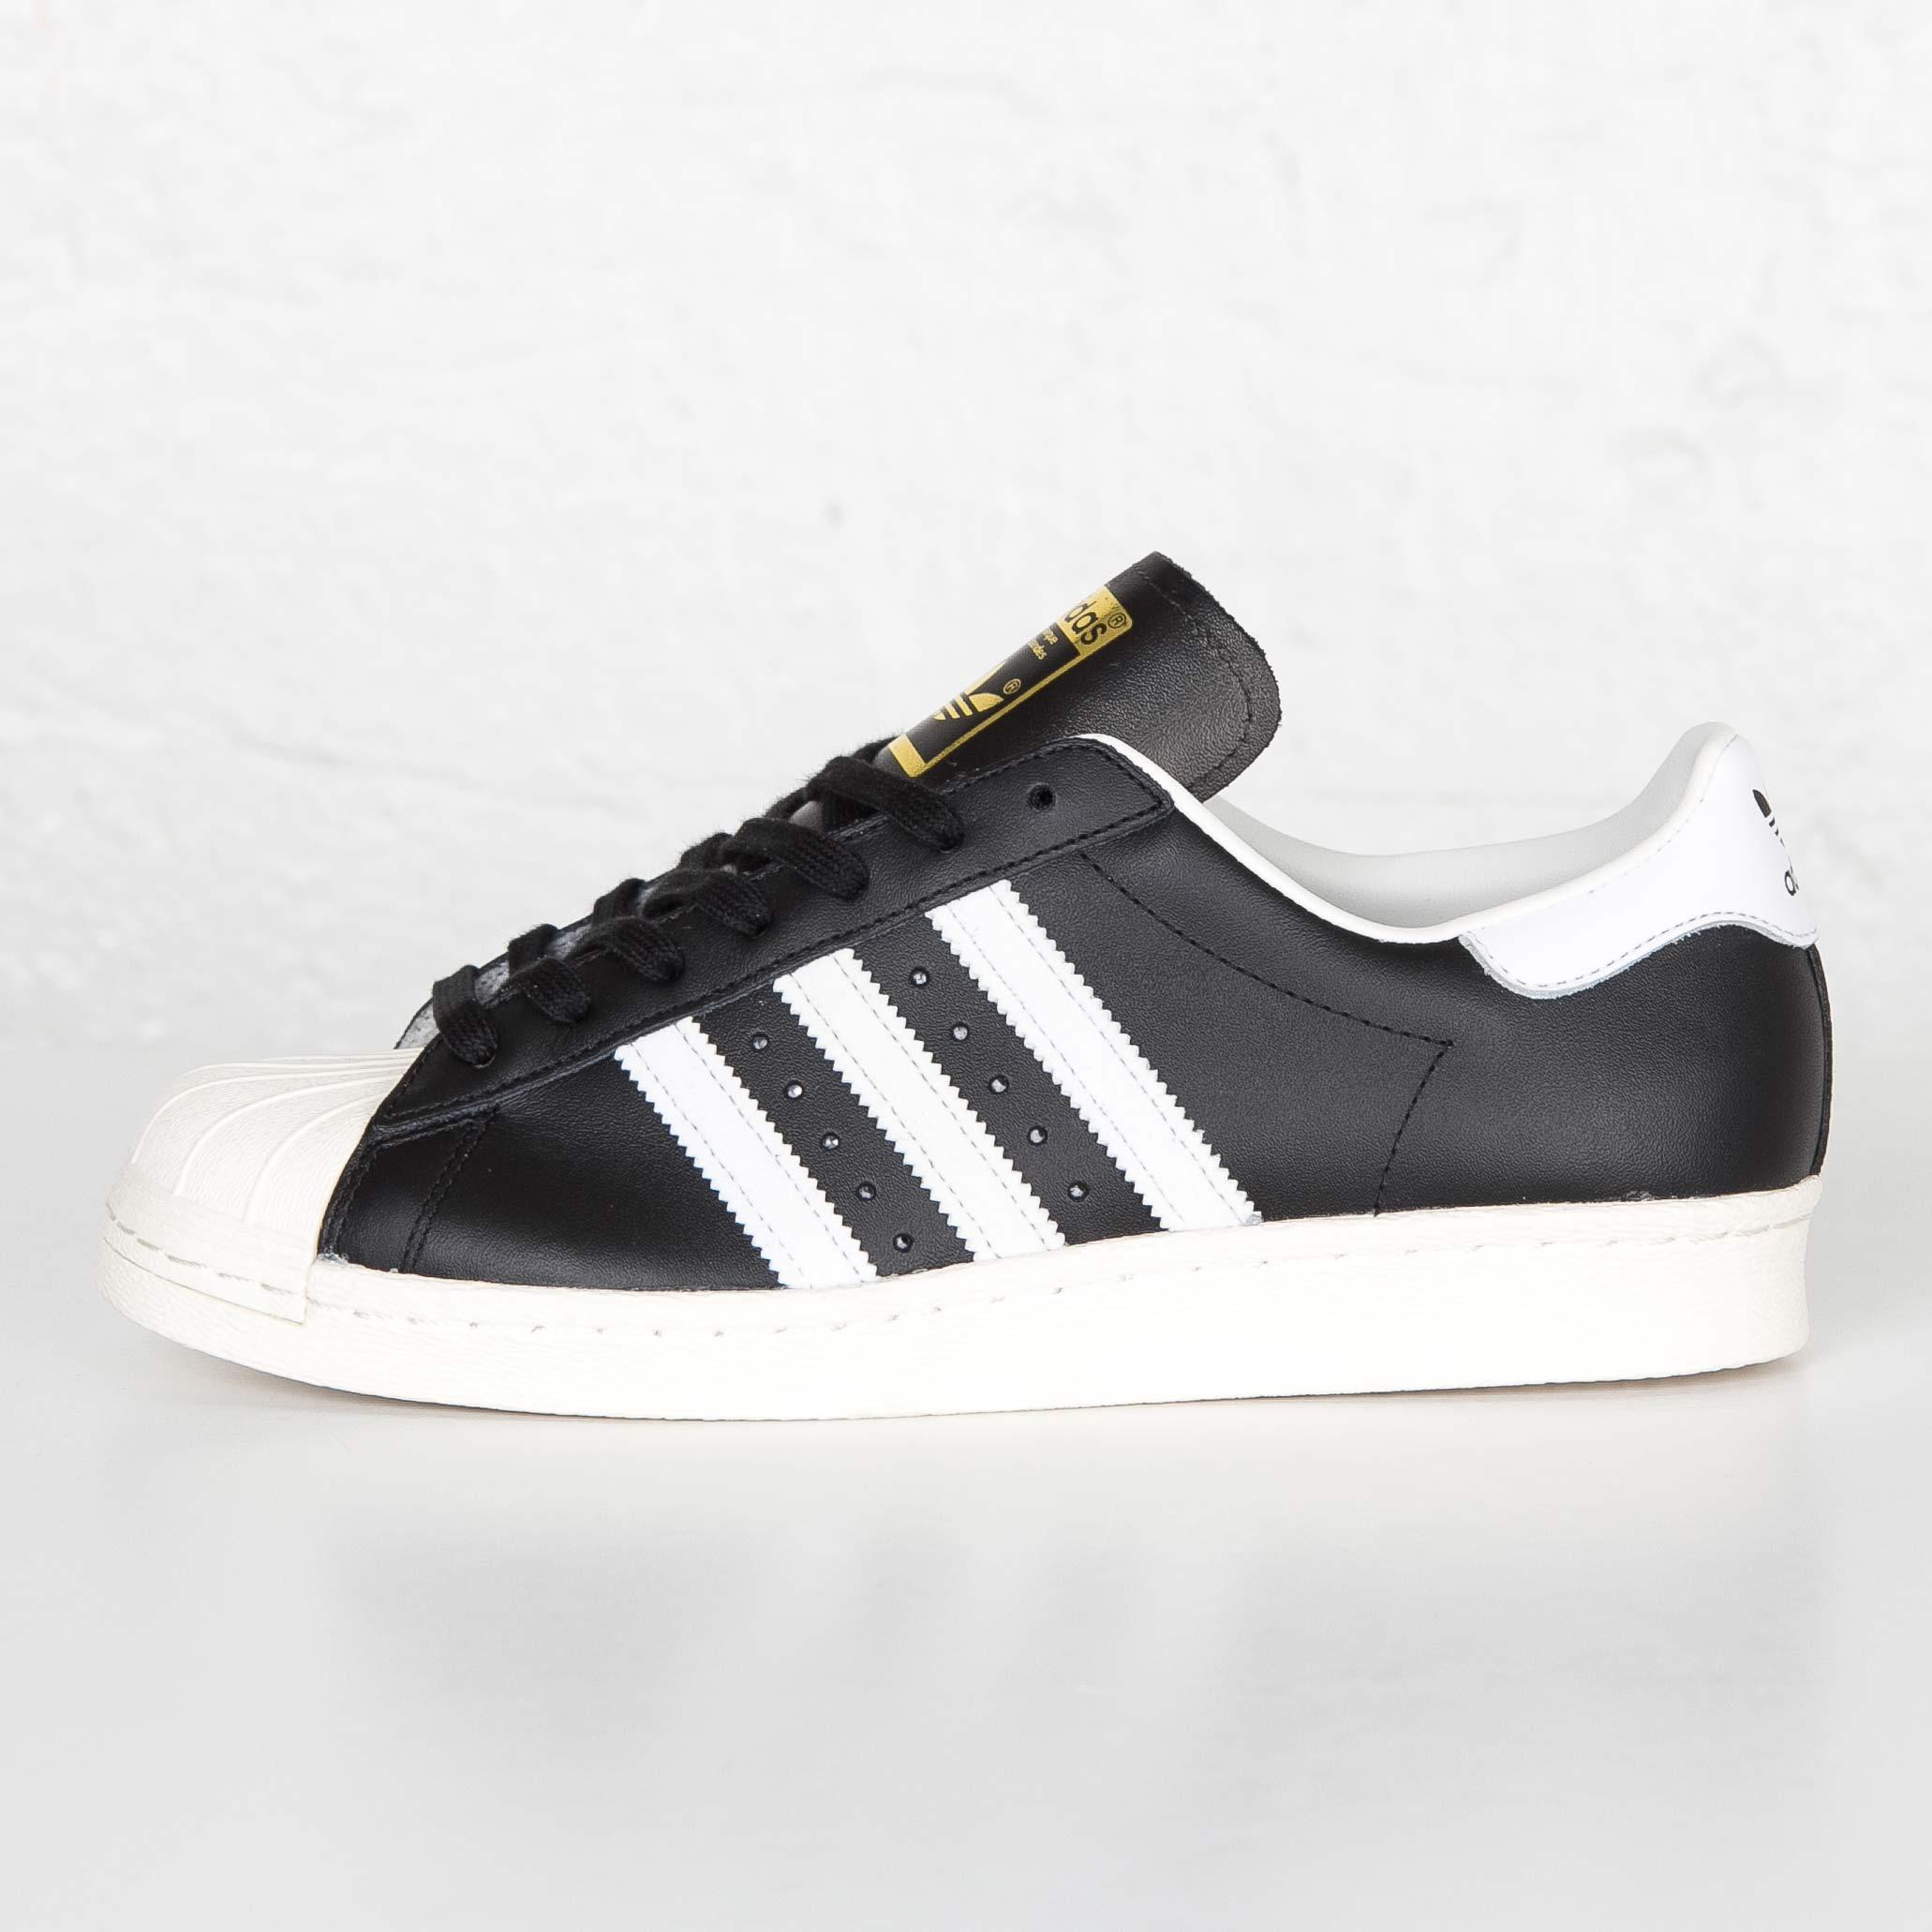 adidas Superstar 80s - G61069 - Sneakersnstuff  13a4fb2384652